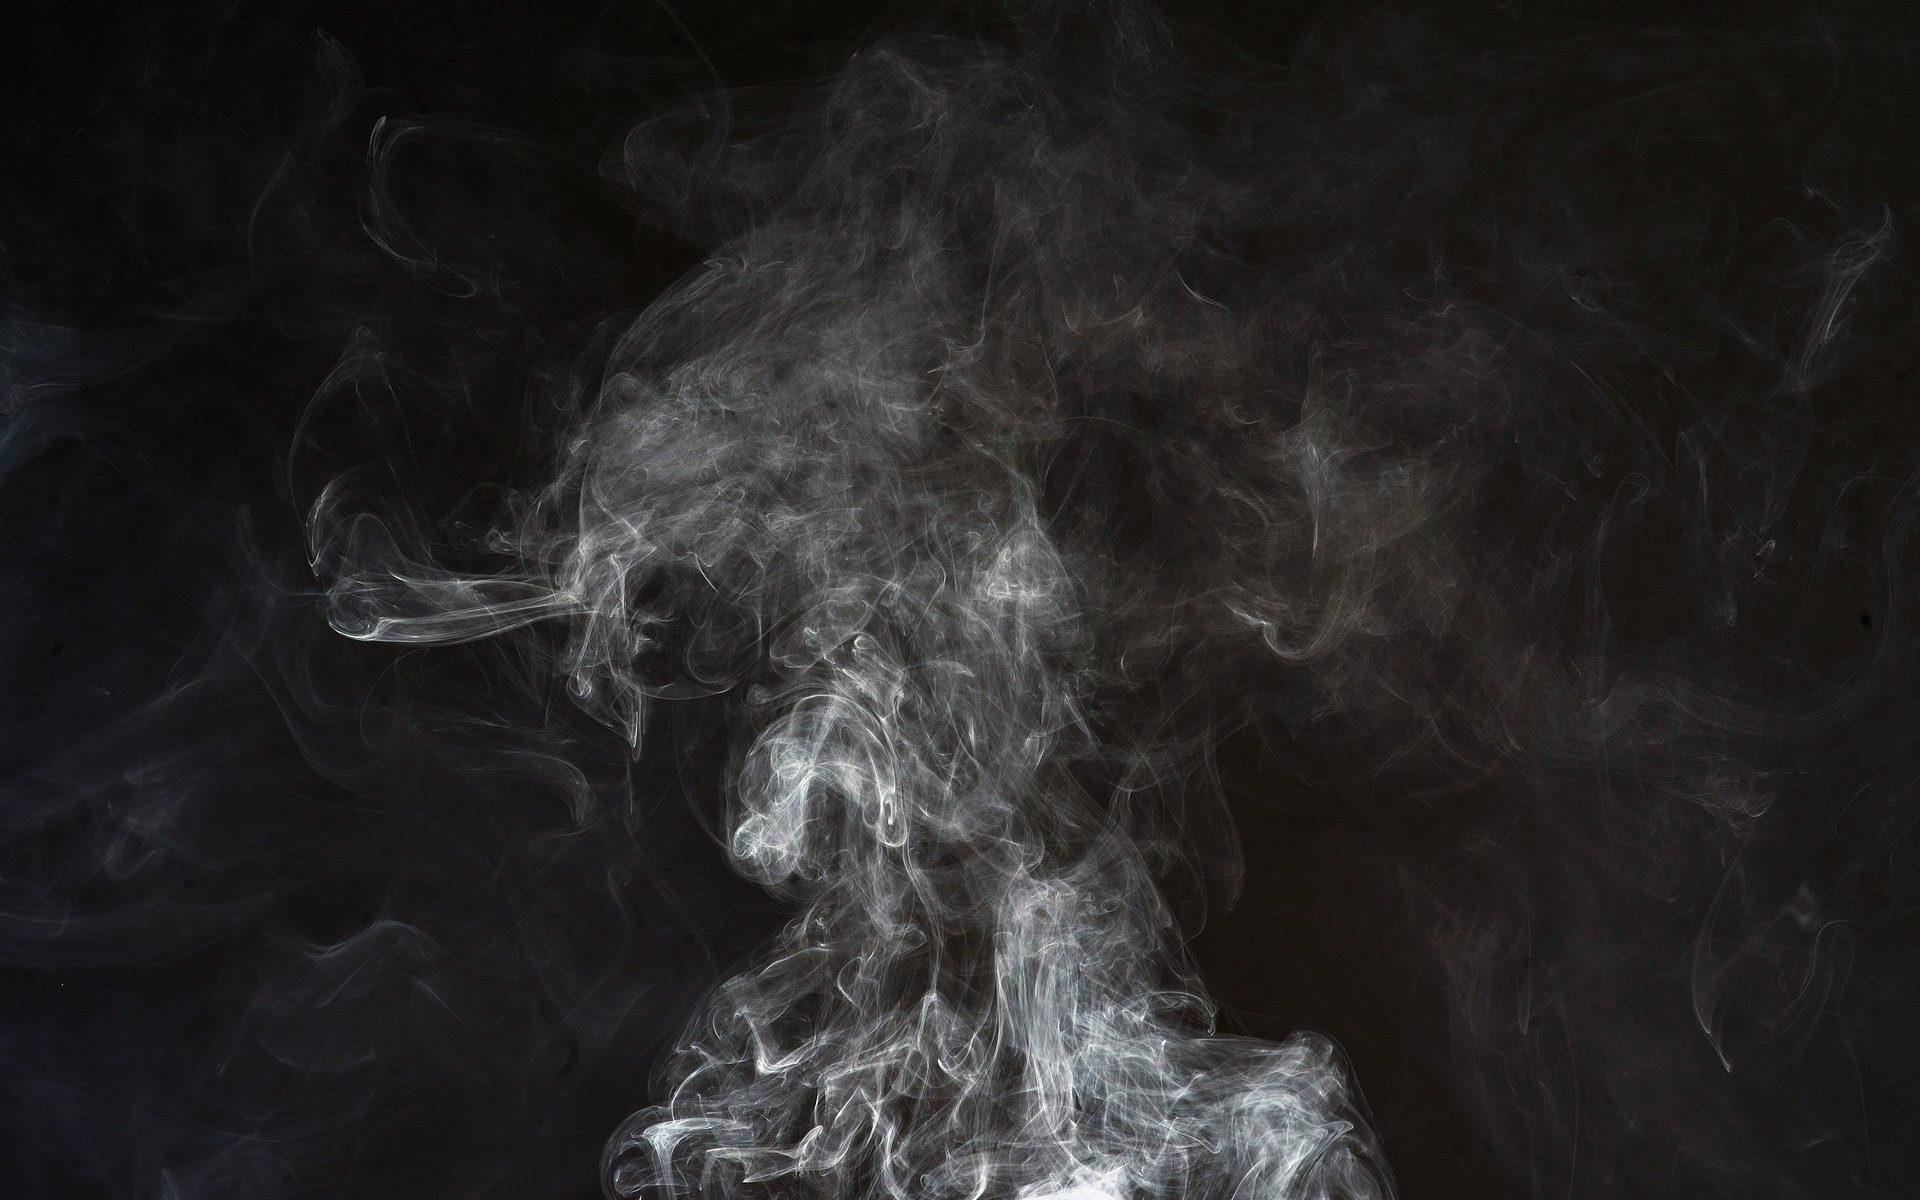 איך לחנך את הנוער שלנו לא ליפול לתרבות העישון